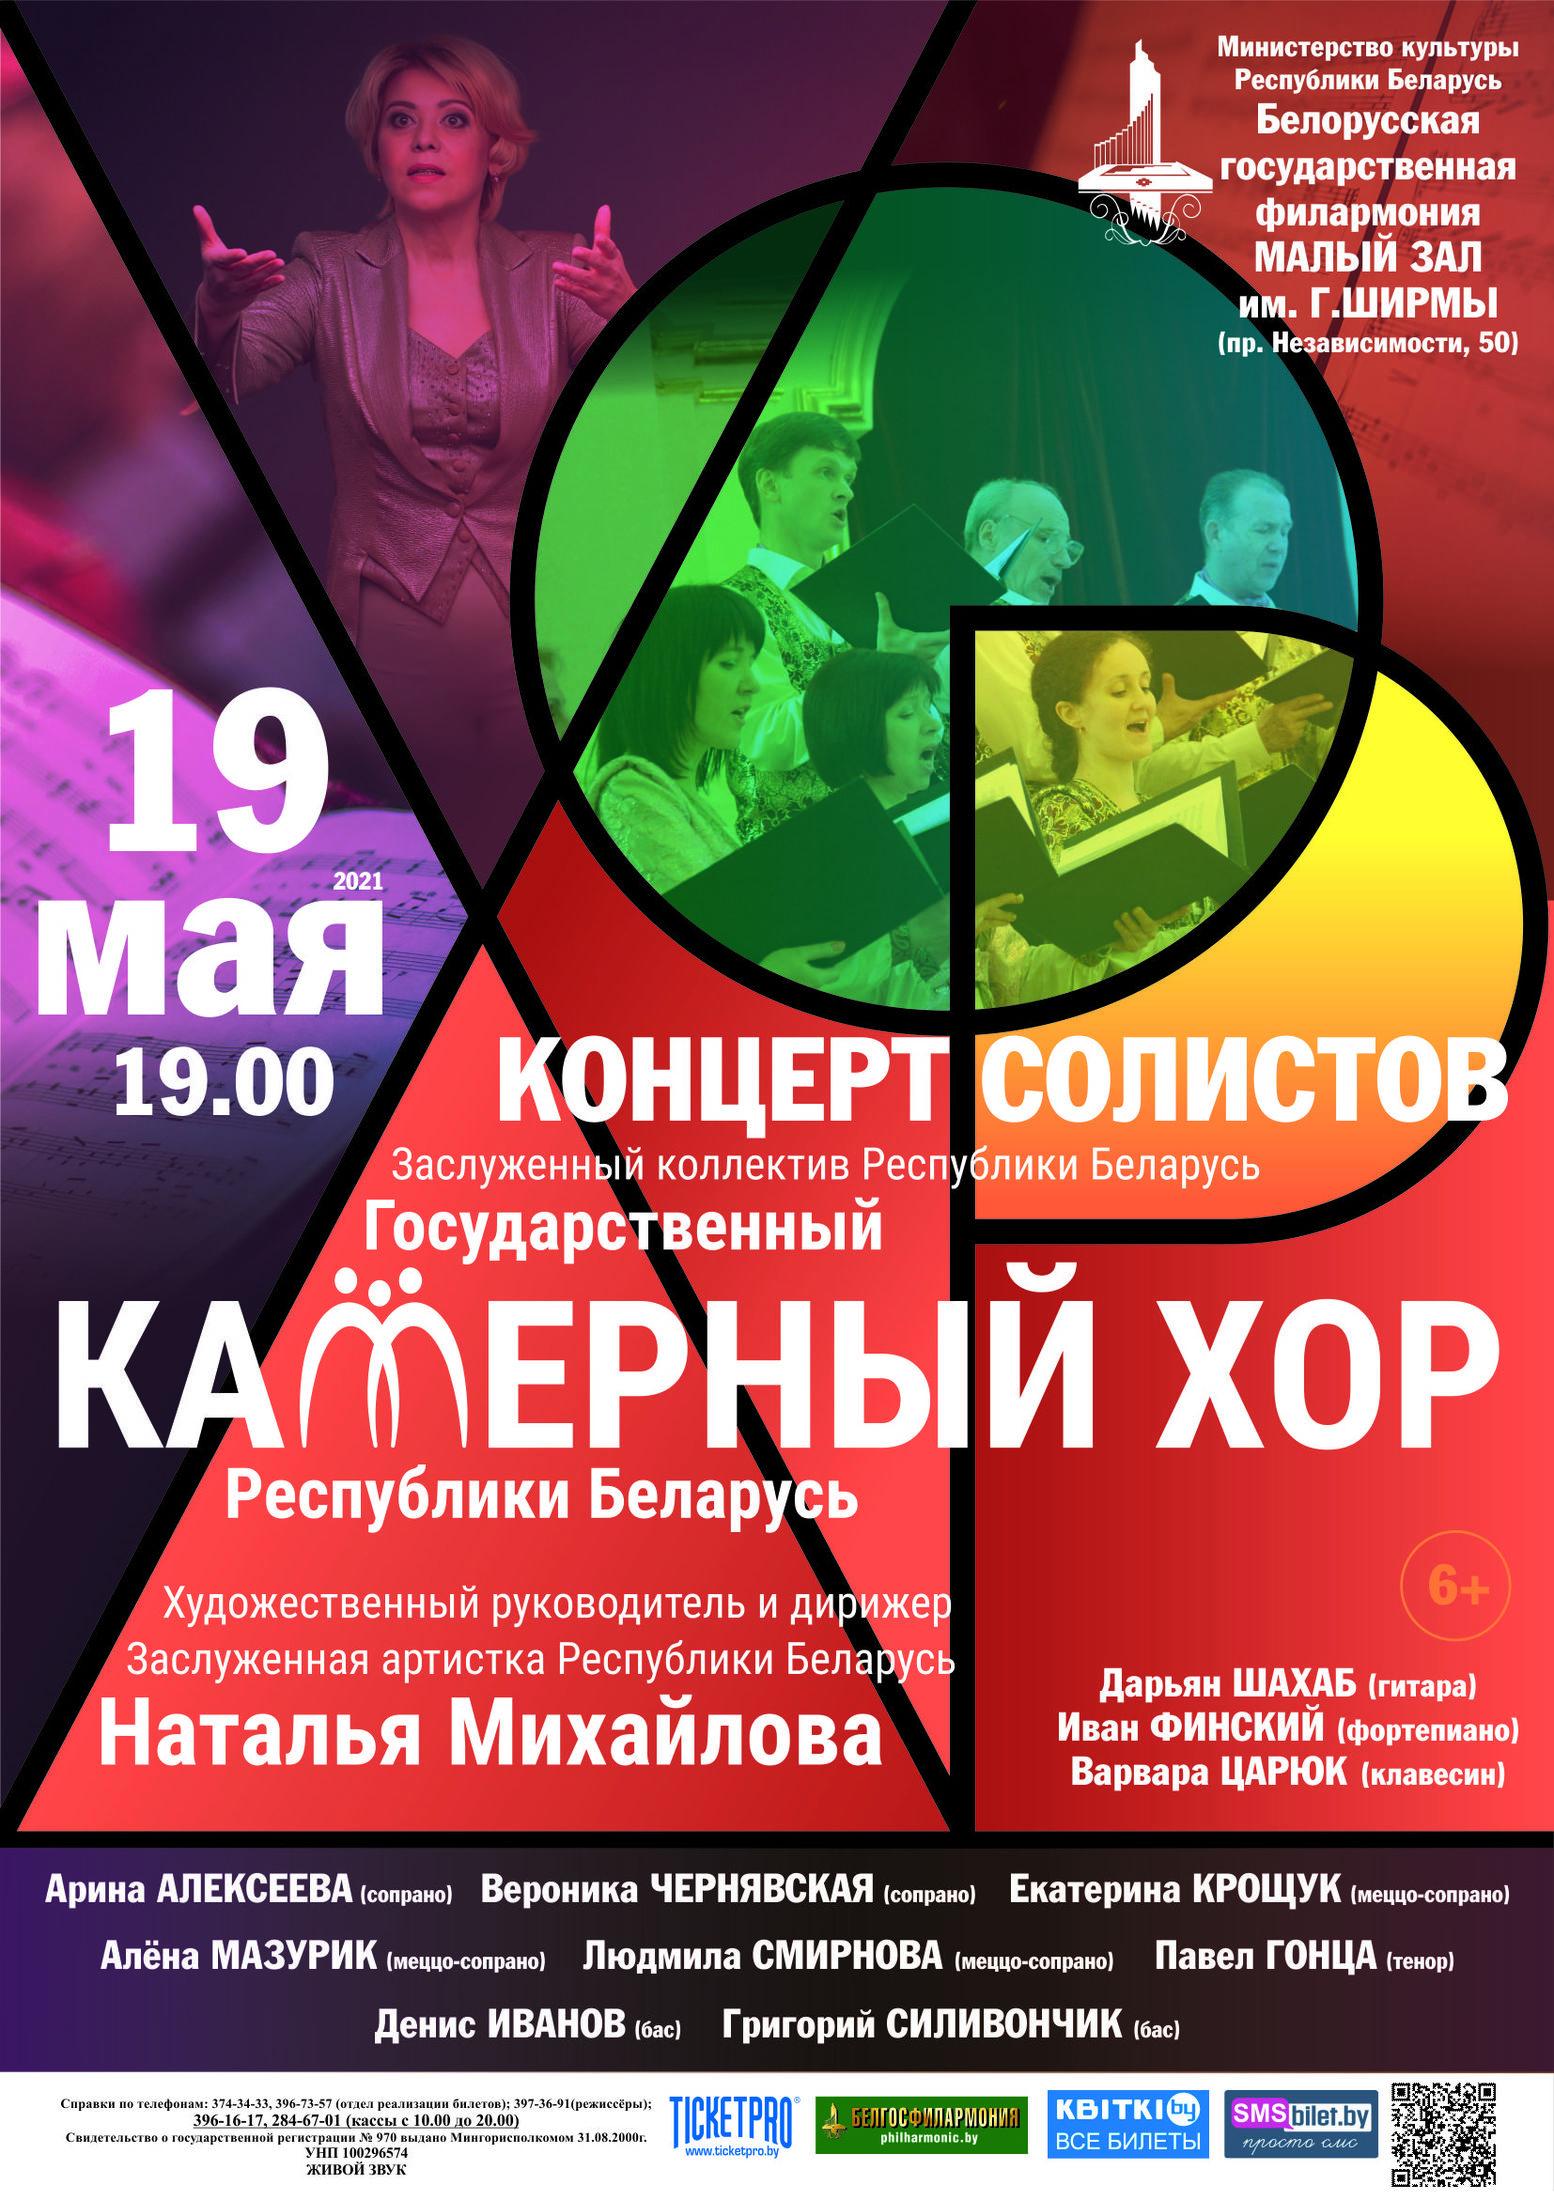 Концерт солистов Государственного камерного хора Республики Беларусь @ Белорусская государственная филармония